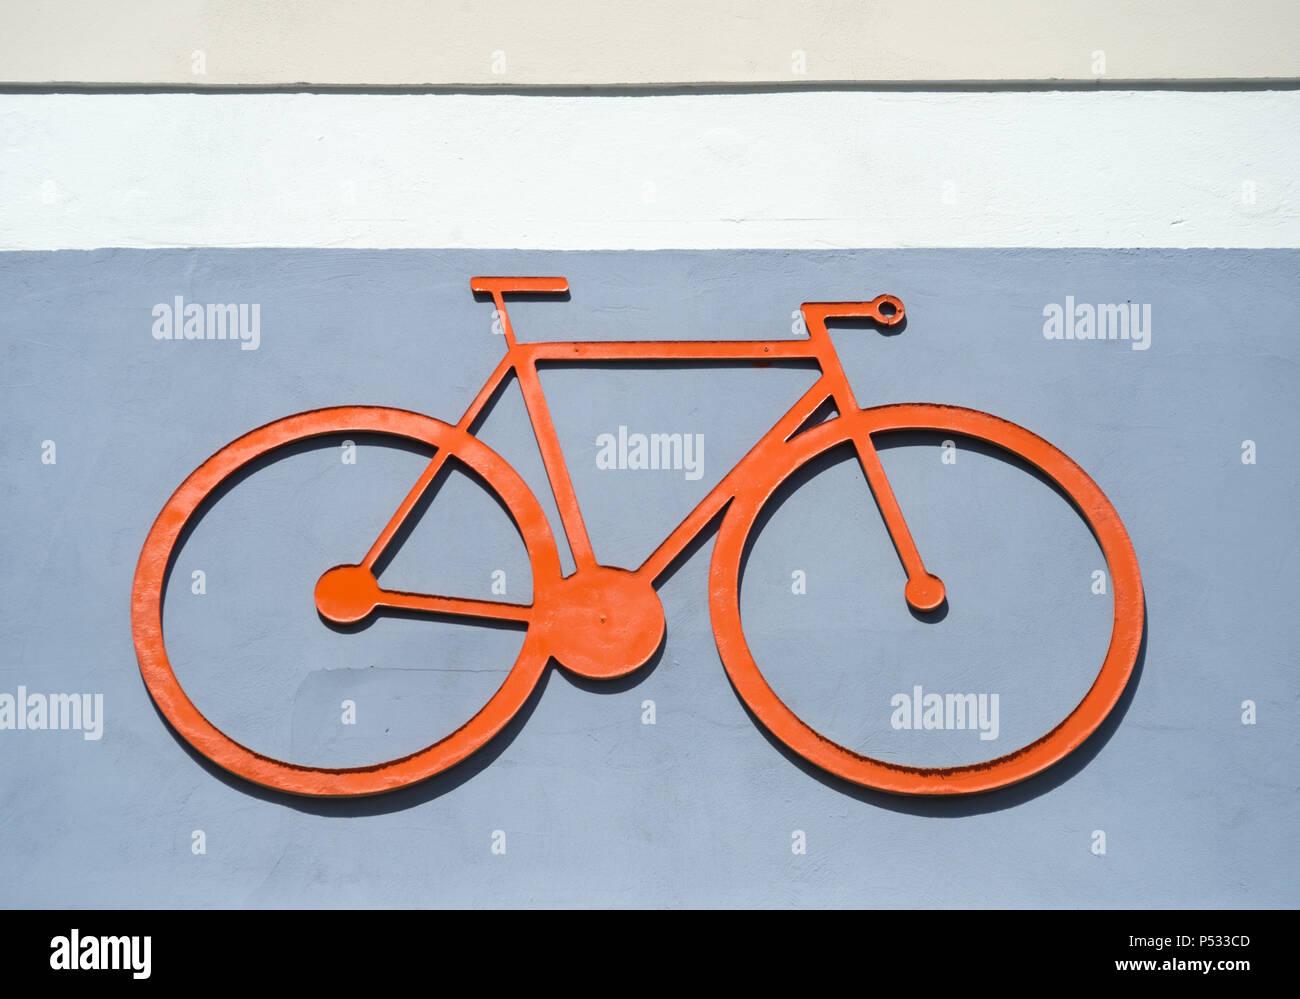 Das Piktogramm eines Fahrrads auf einer Hauswand Stockbild